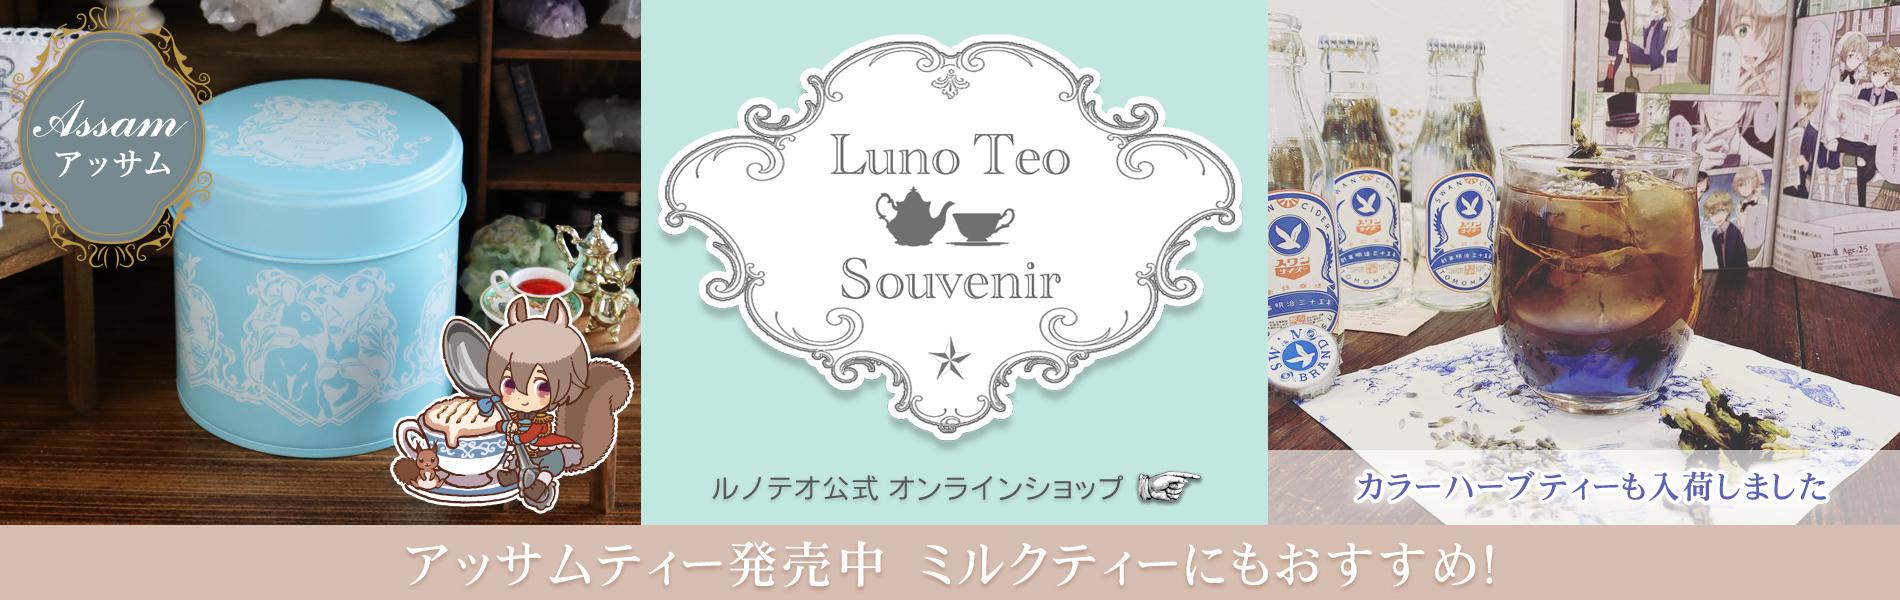 ルノテオ オンラインショップ・Lunoteo Souvenir/アッサムティー発売中!ミルクティーにもおすすめ!カラーハーブティーも入荷しました!